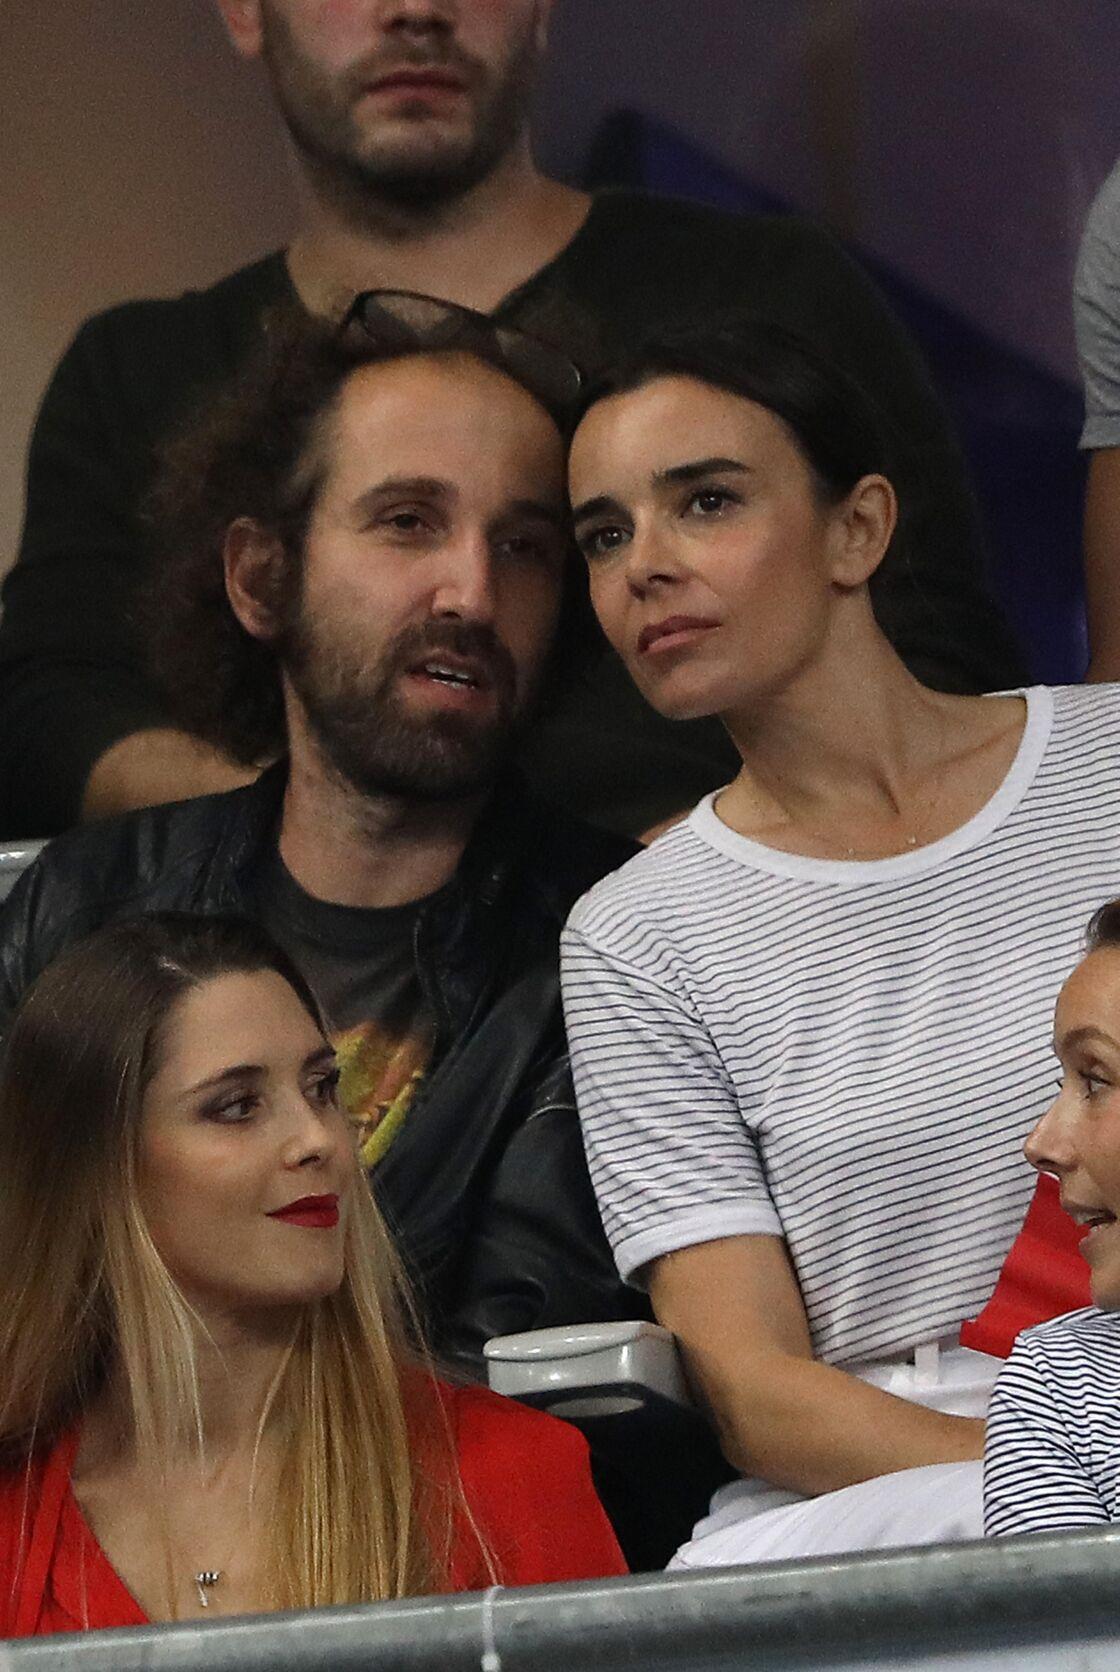 Thomas Bangalter et Elodie Bouchez s'affichent ensemble dans les tribunes du stade de France, lors du match de ligue des nations opposant la France à l'Allemagne à Saint-Denis, le 16 octobre 2018.